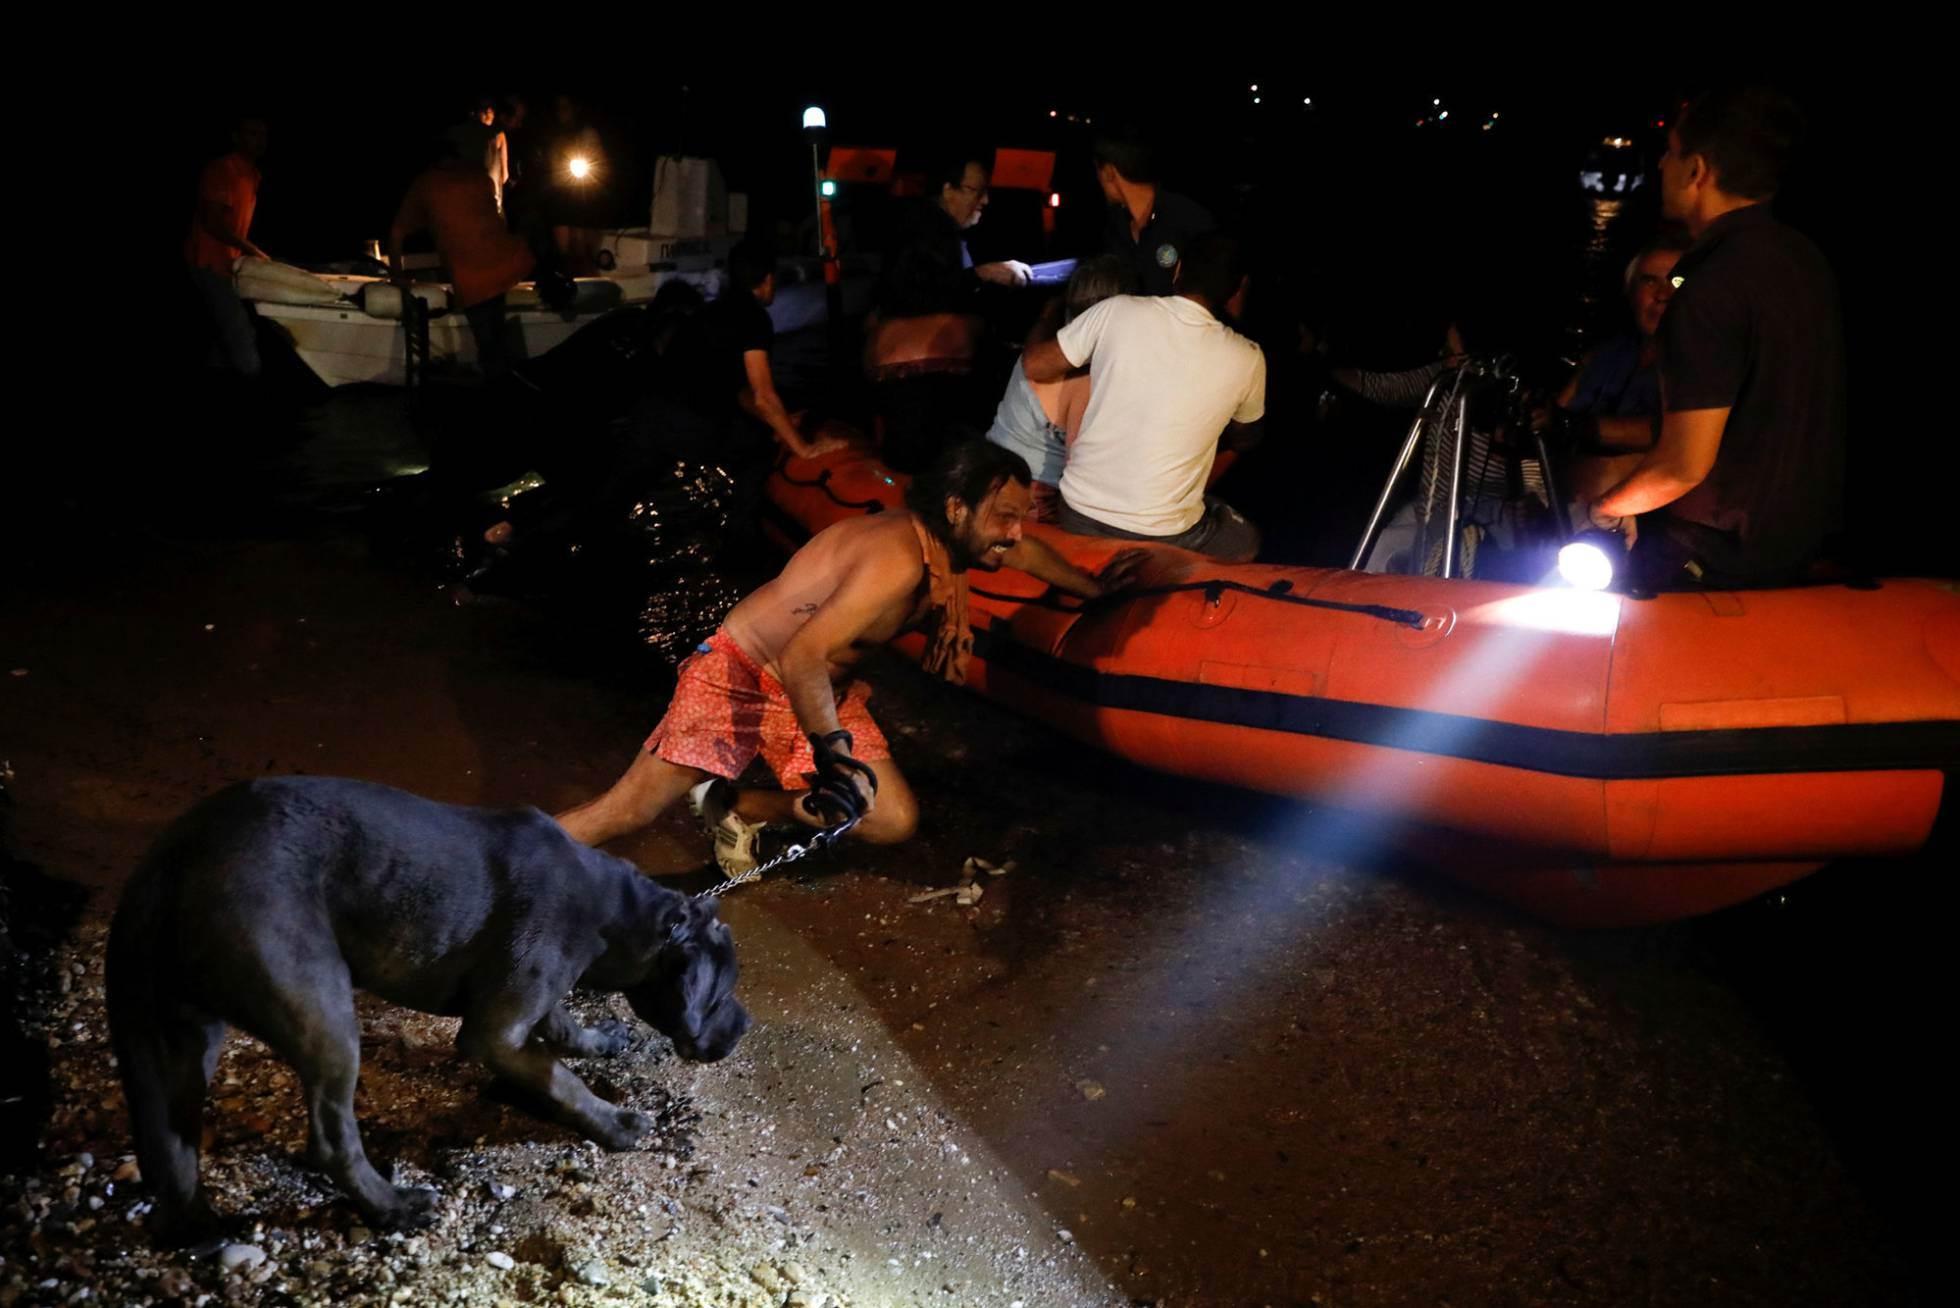 Un hombre, junto a su perro, empuja un bote salvavidas durante la evacuación de vecinos en el pueblo costero de Mati (Grecia).